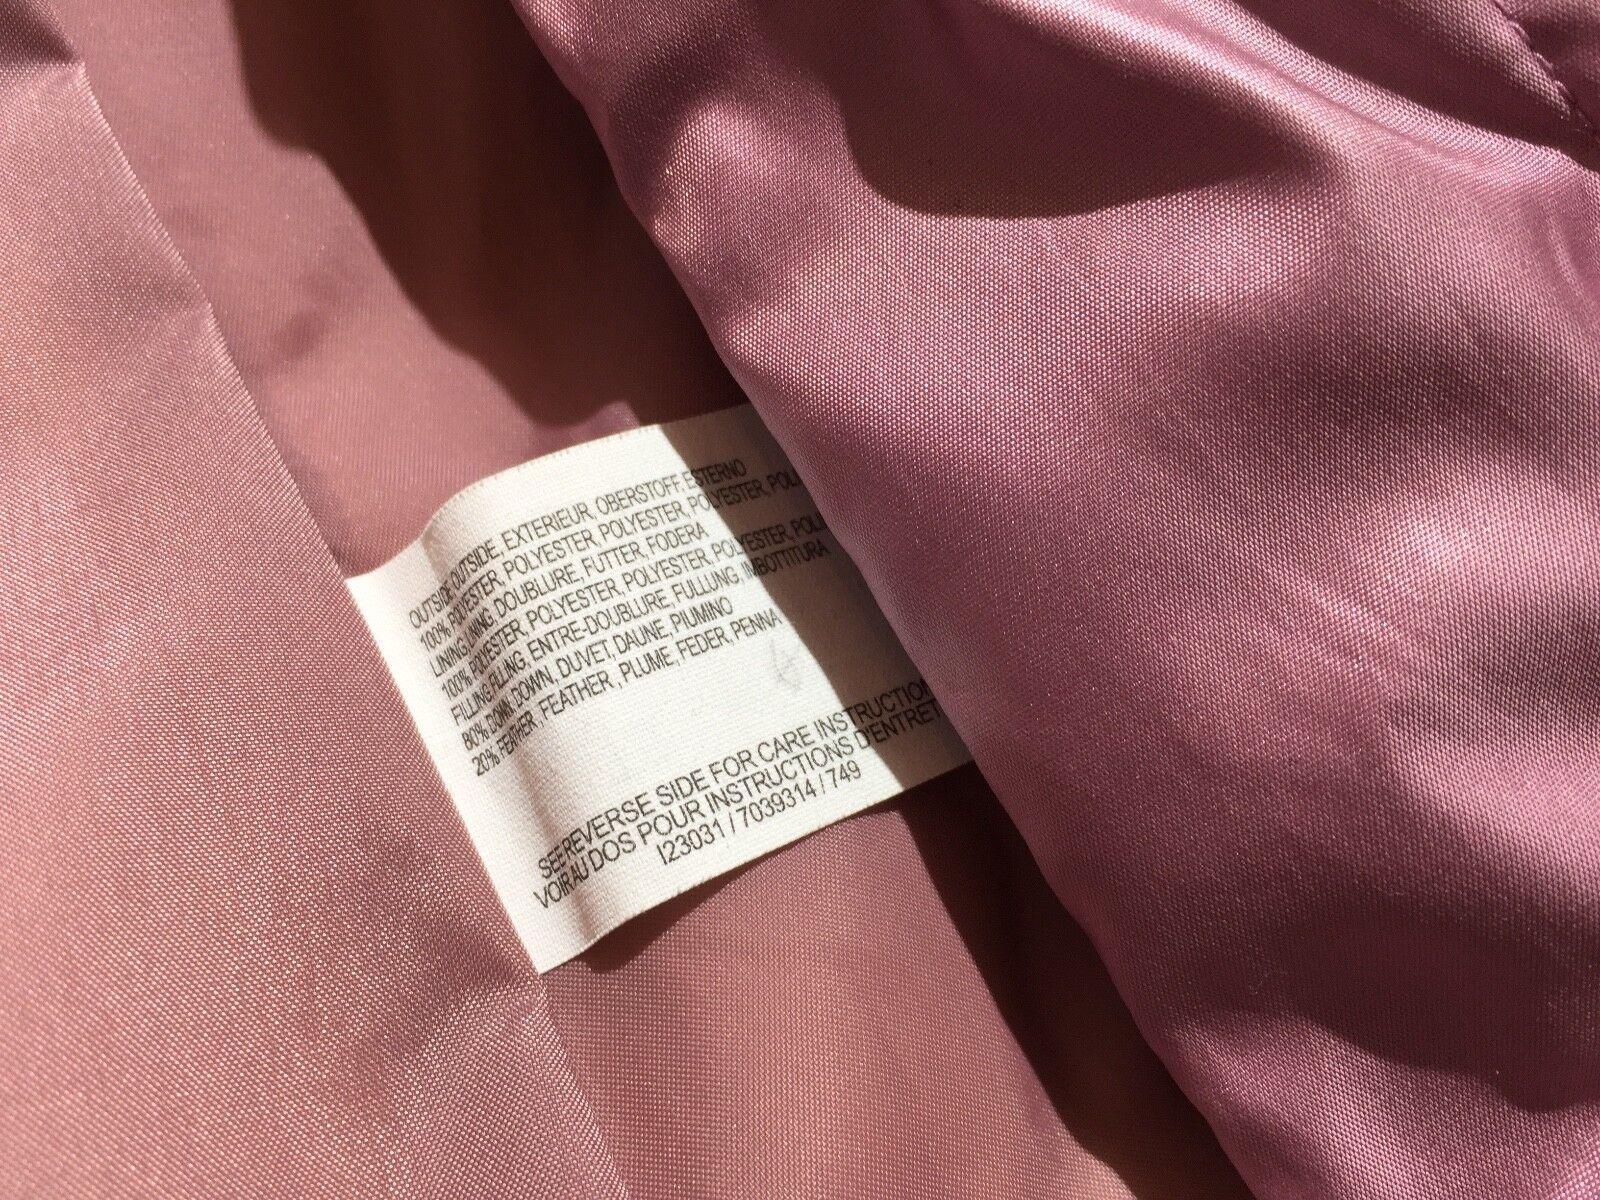 Langer Daunenmantel von von von Esprit, rosé, Gr  S,  DM-5   | Bequeme Berührung  | Schön In Der Farbe  | Düsseldorf Eröffnung  | Moderater Preis  | Marke  a19b75